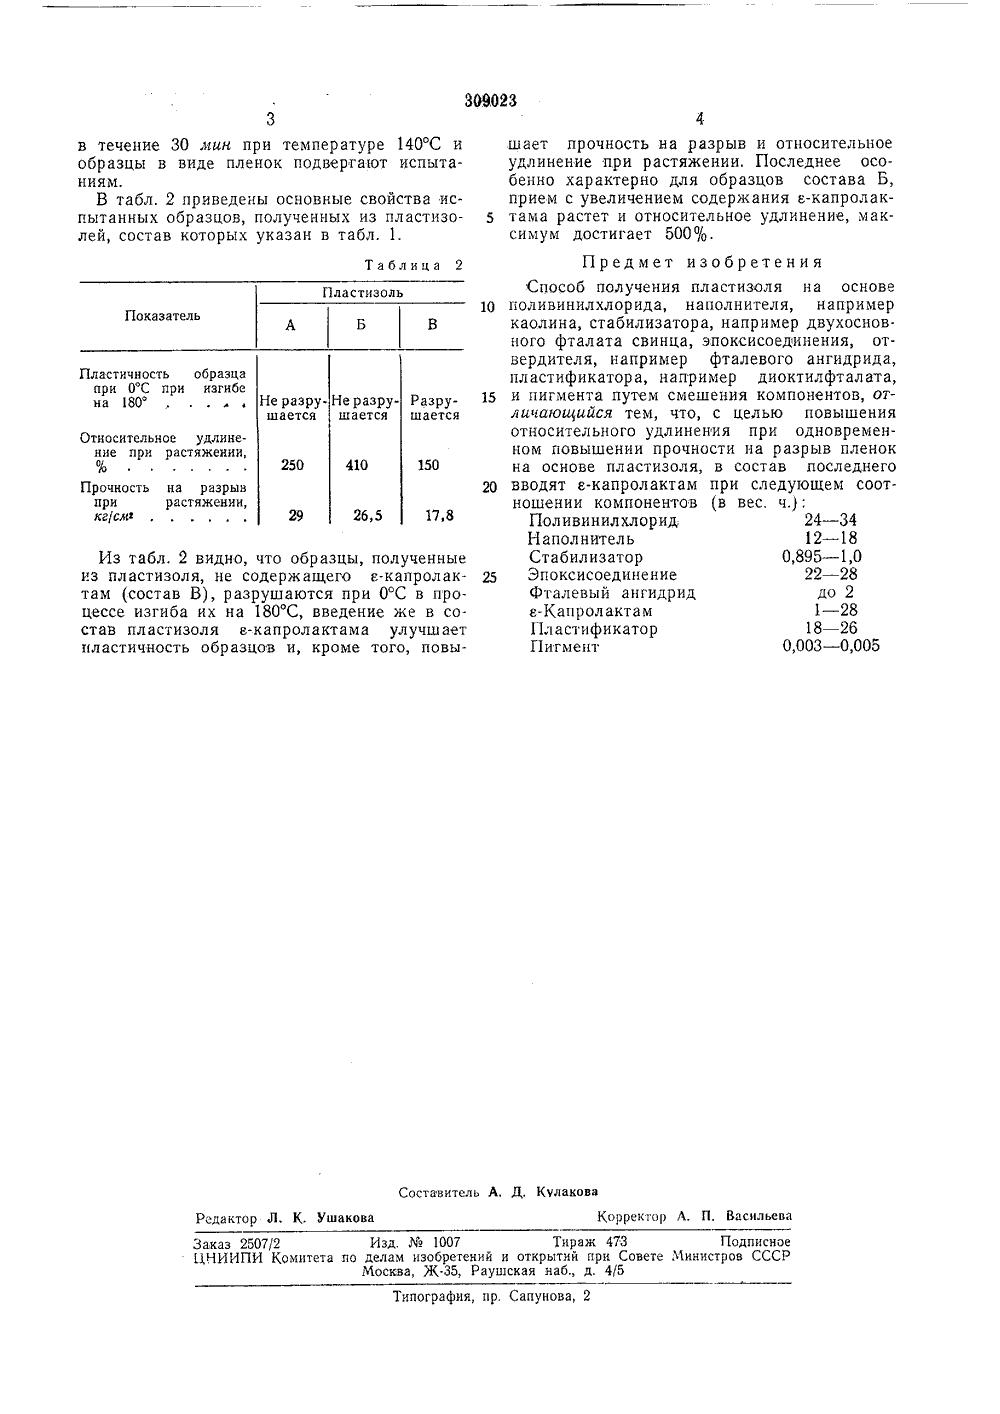 Описание к авторскому свидетельству мастика на основе поливинилхлорида внутренняя гидроизоляция цокольного этажа